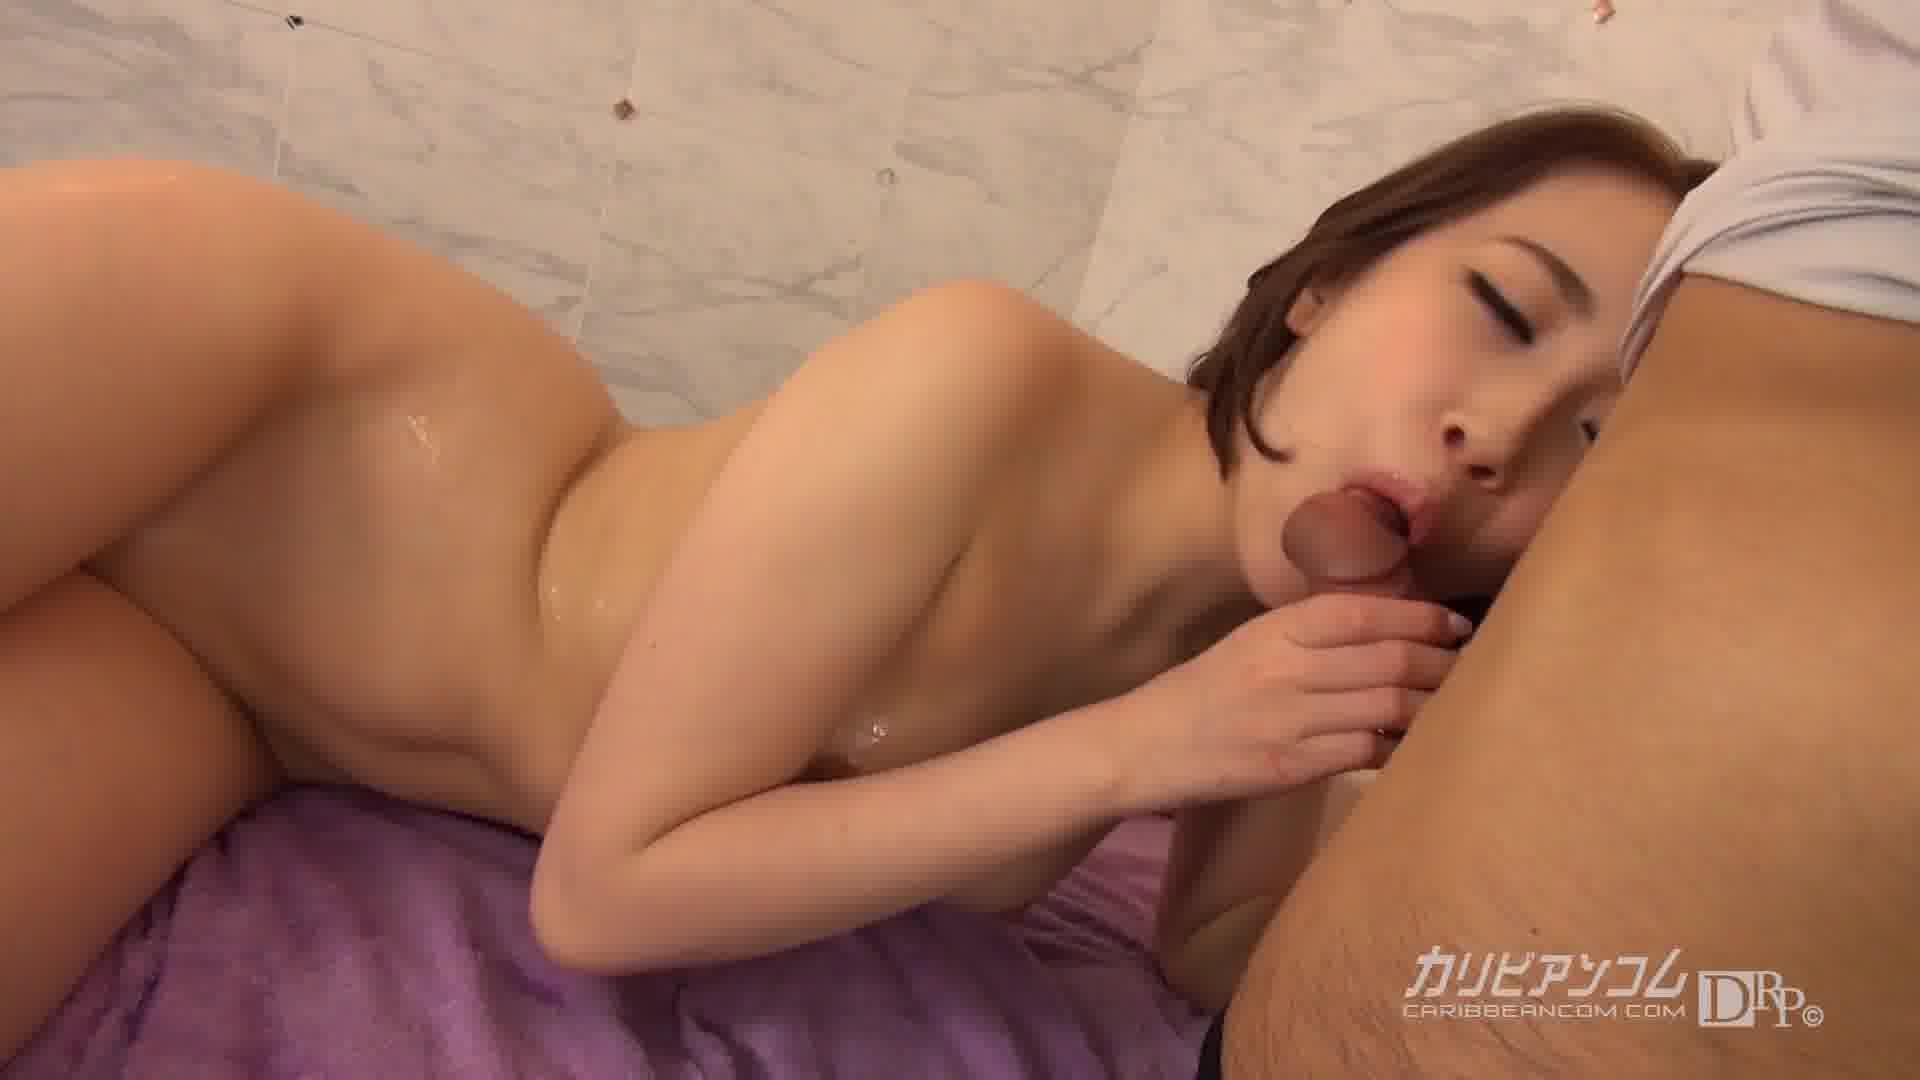 極上セレブ婦人 Vol.7 - 希咲あや【痴女・巨乳・中出し】